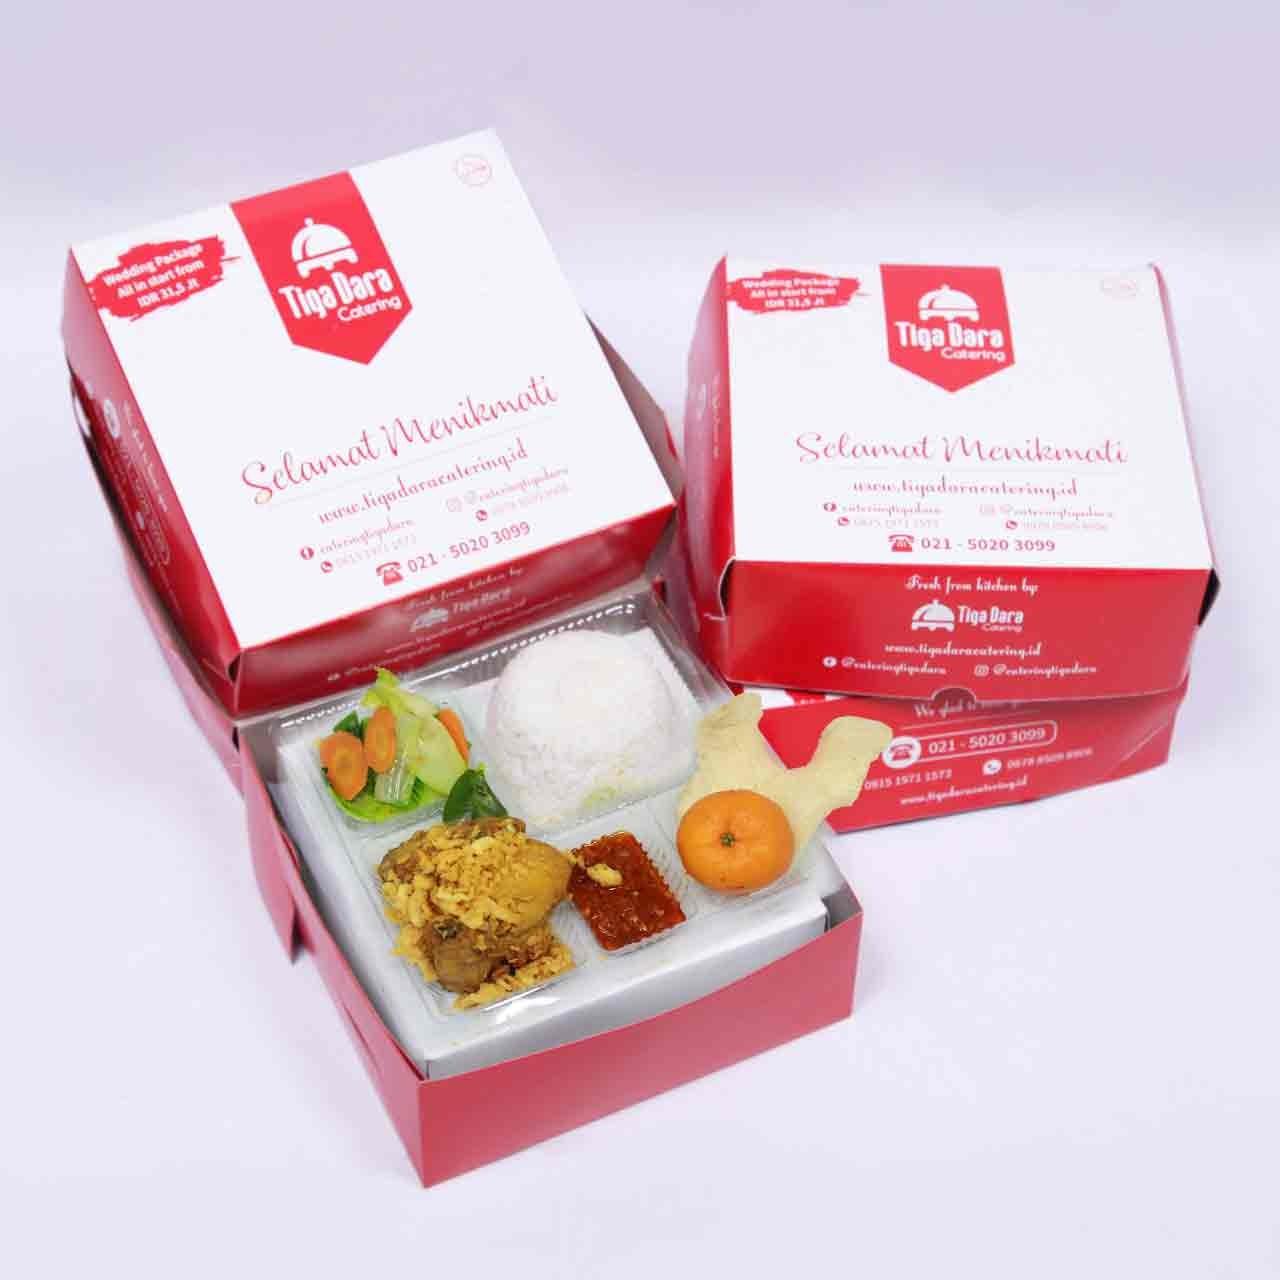 tiga_dara_*Nasi Box Enak & Murah_First Class | Paket 9